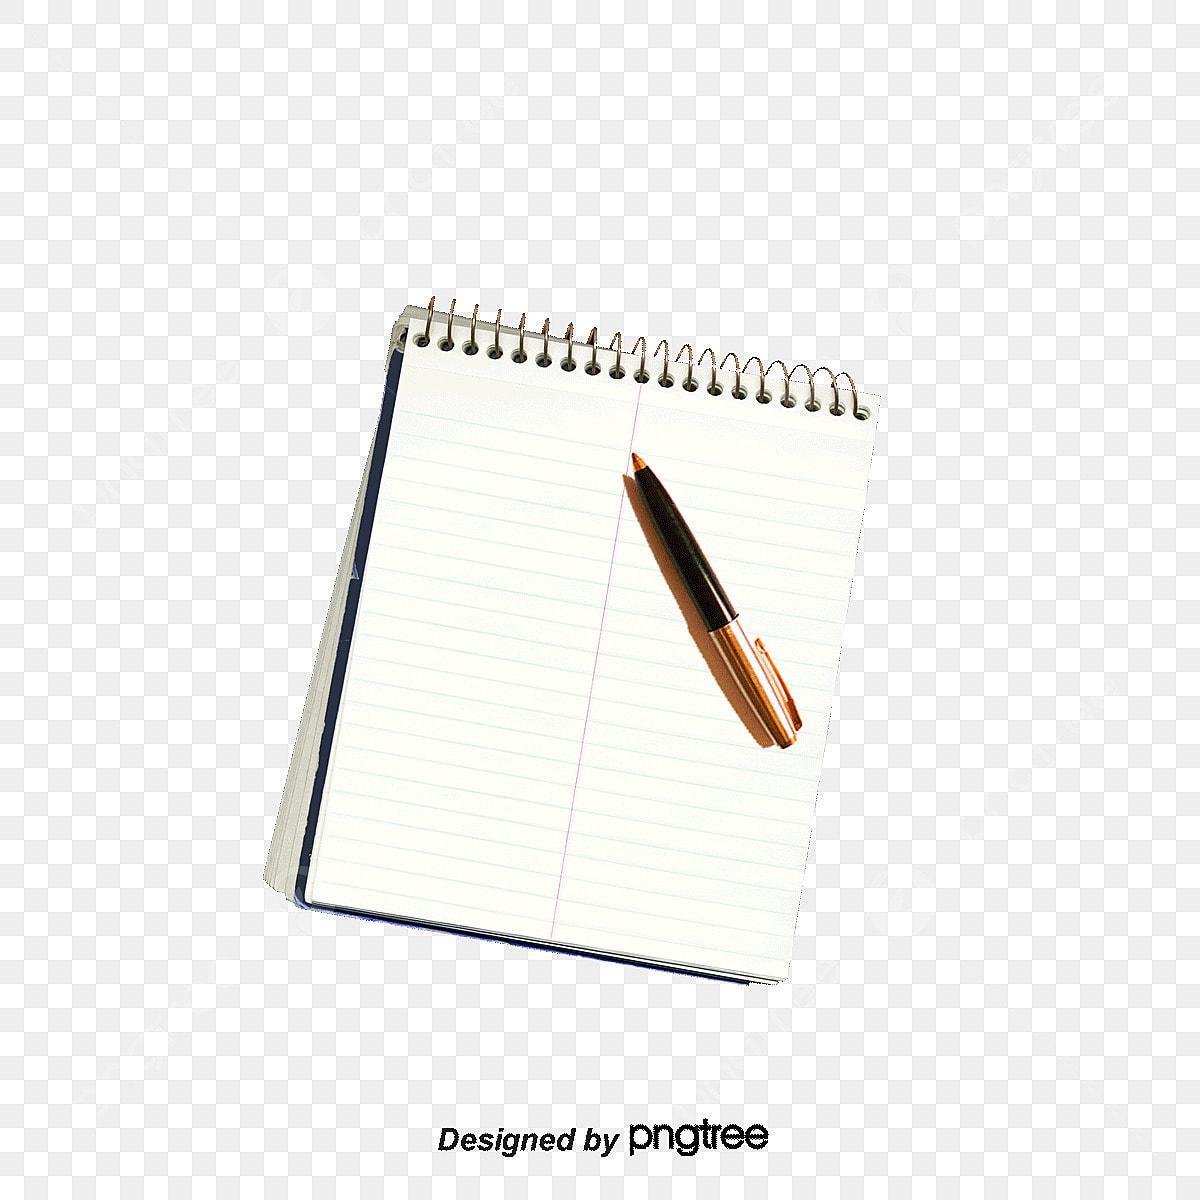 Gambar Buku Catatan Png Vektor Psd Dan Clipart Dengan Latar Belakang Transparan Untuk Download Gratis Pngtree